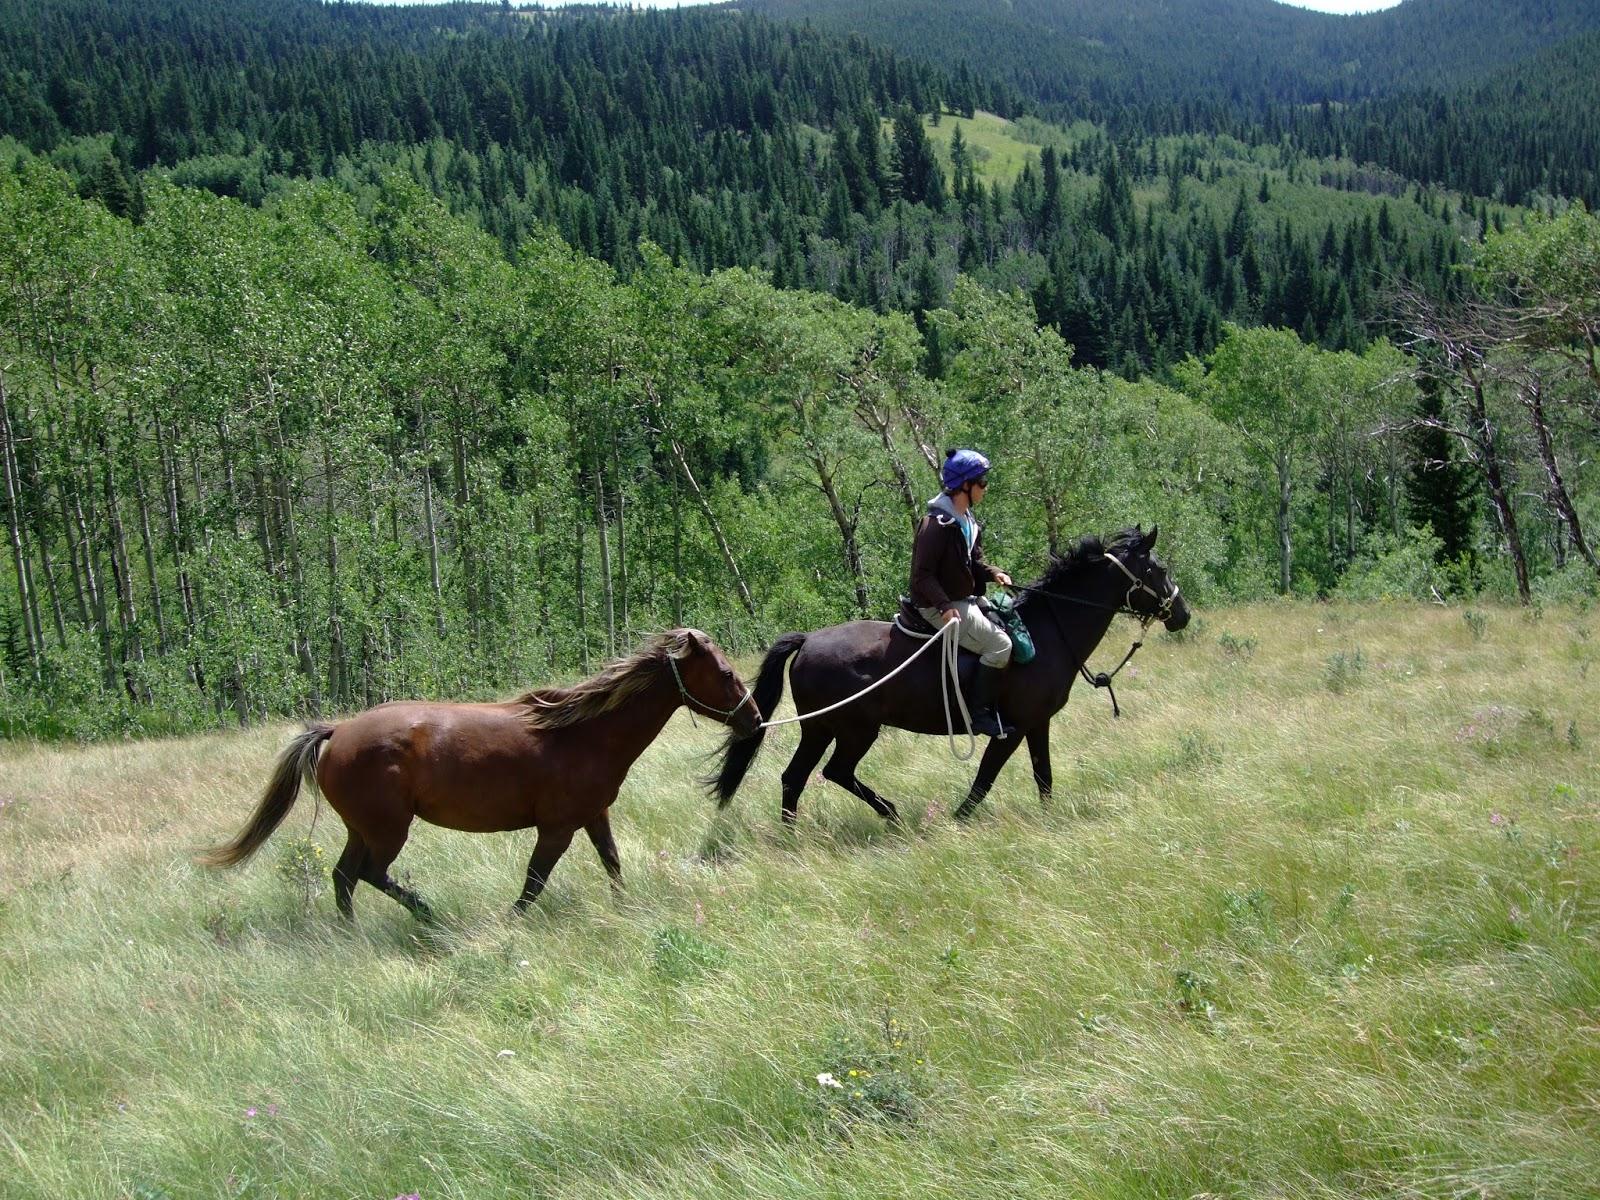 Simple   Wallpaper Horse Flicka - Flicka%2BBob%2BCreek%2B2  Pictures_488160.jpg